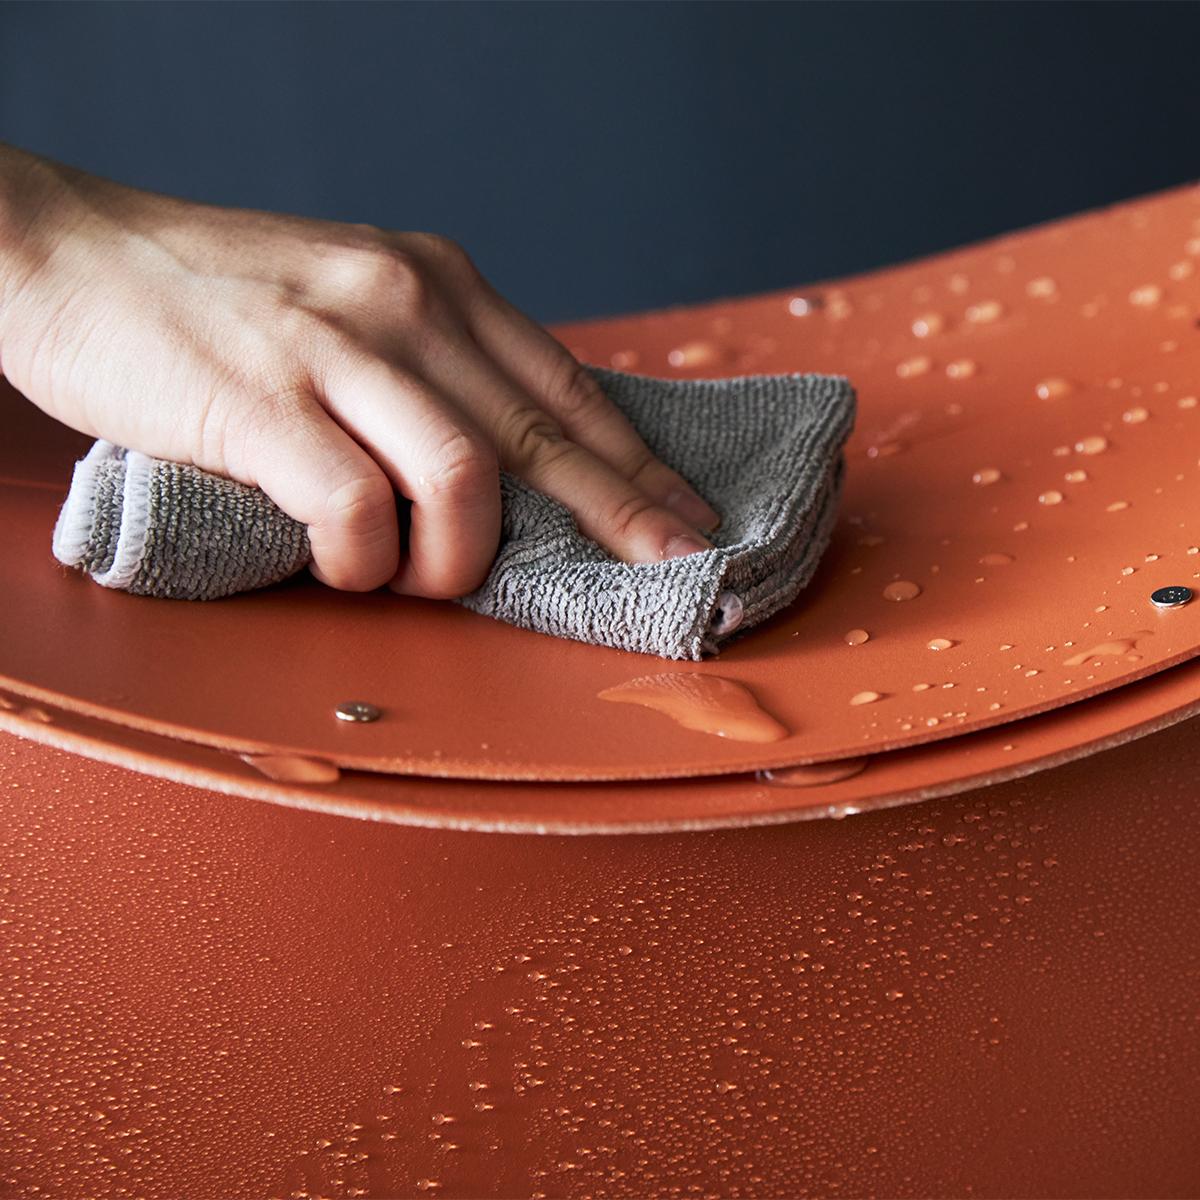 軽いのに強度があり、水に濡れても劣化しにくく、雨や雪の日でも安心して使えます。座面を外せば、ゴミ箱・防災トイレが出現する「折りたたみイス」|PATATTO PATATTO 350+